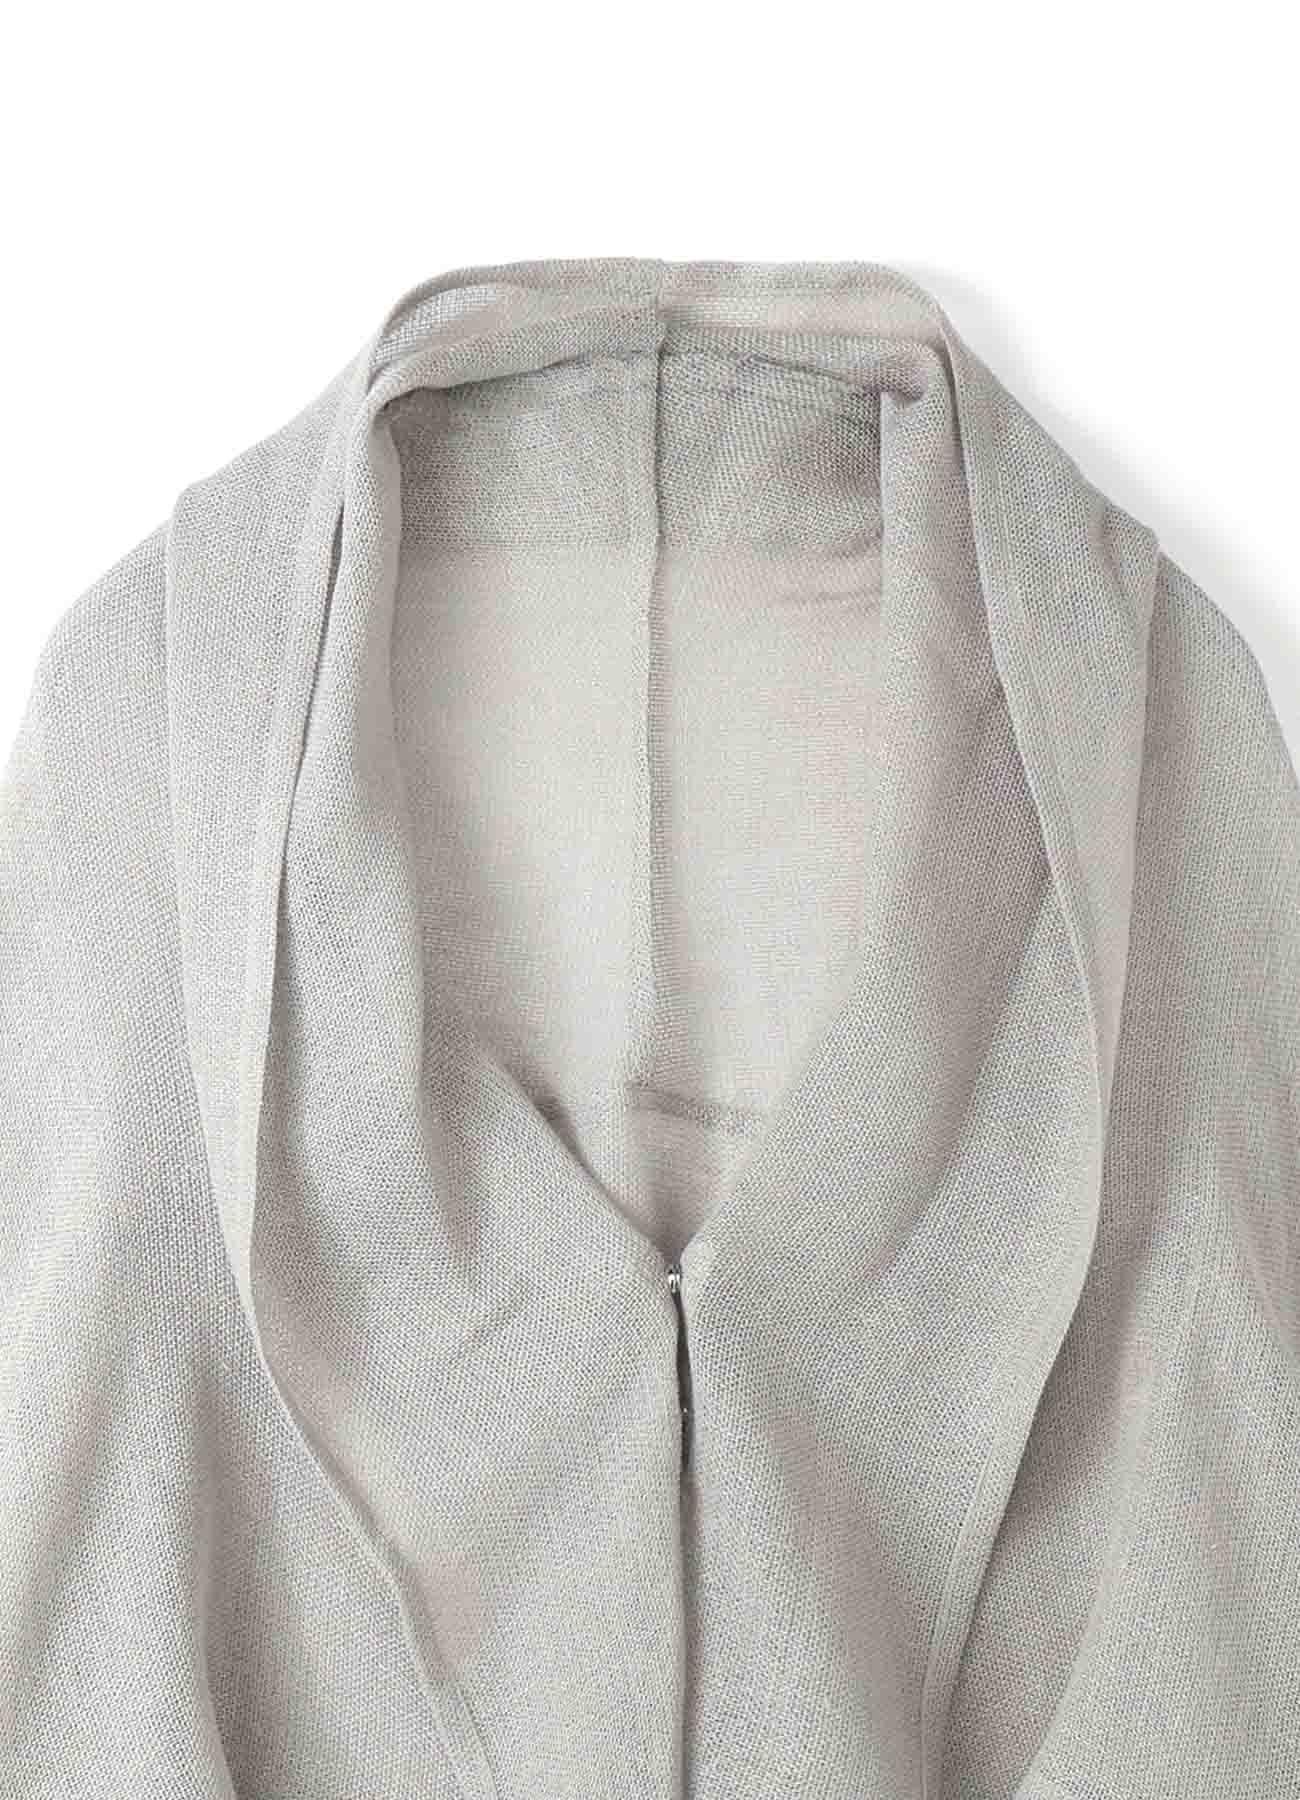 亚麻人造尼龙Karami编织披肩针织开衫